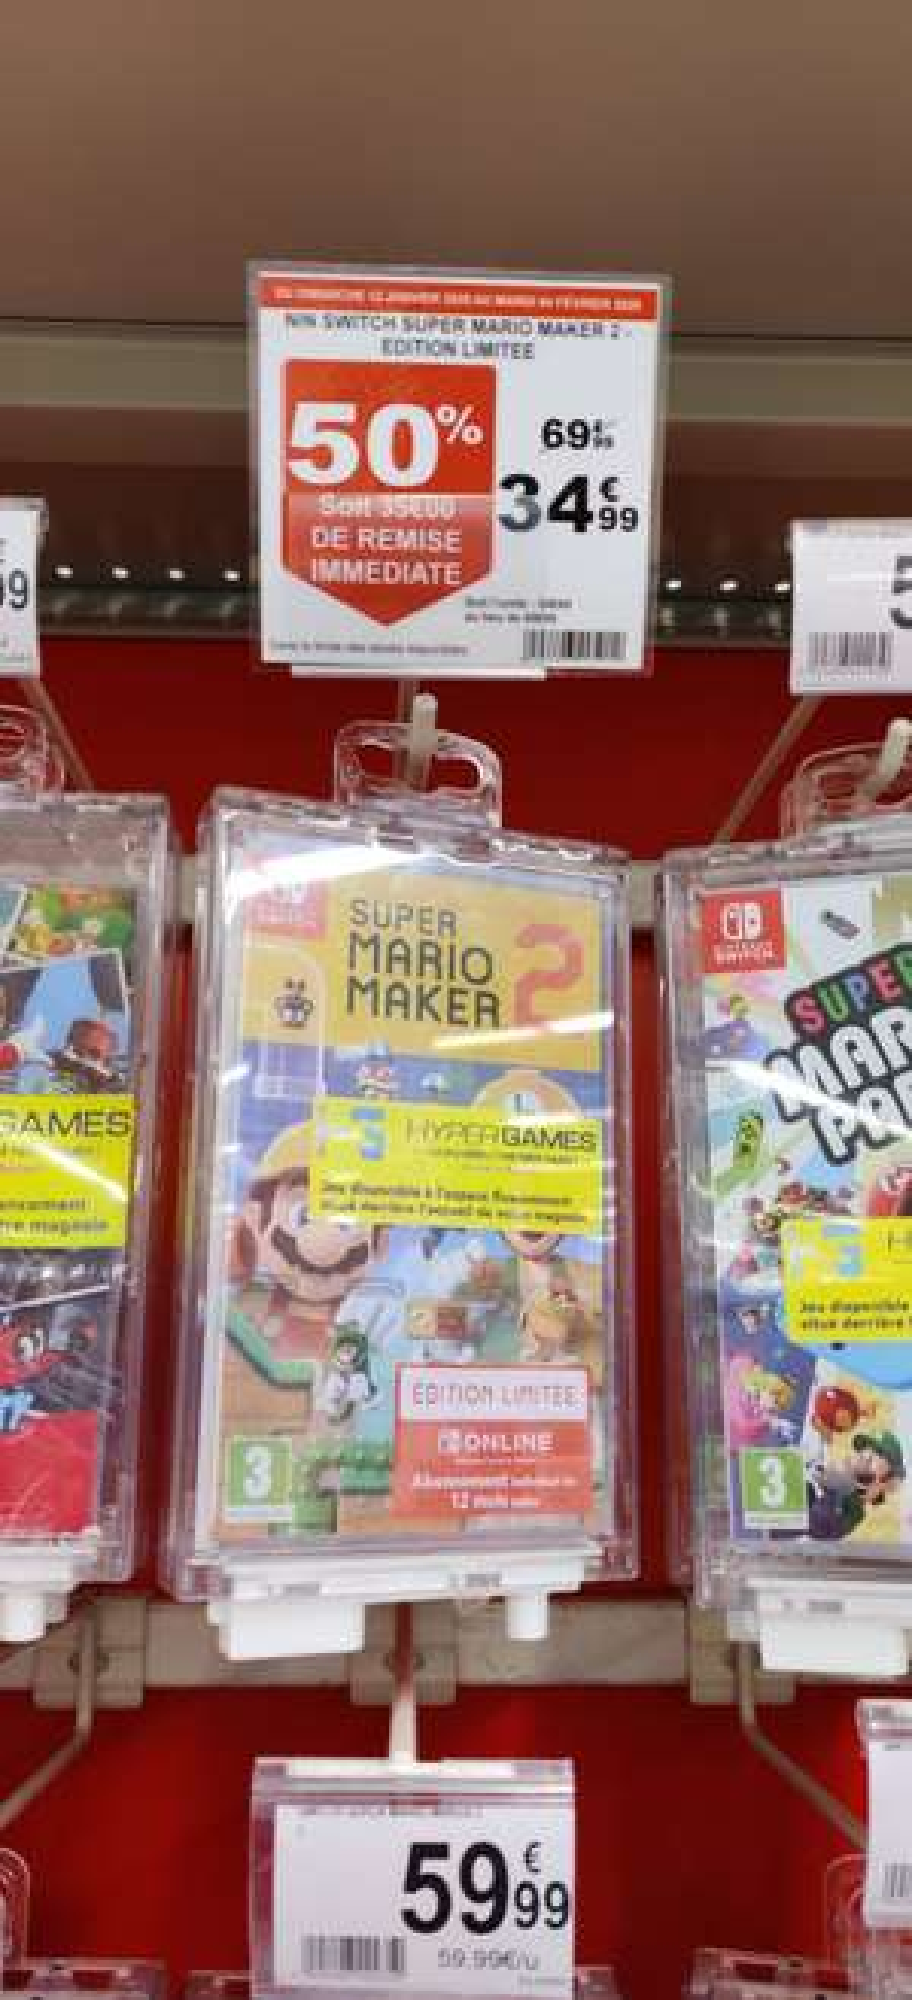 Super Mario Maker 2 sur Switch + abonnement de 12 mois au Nintendo Online - Villeneuve-d'Ascq (59)